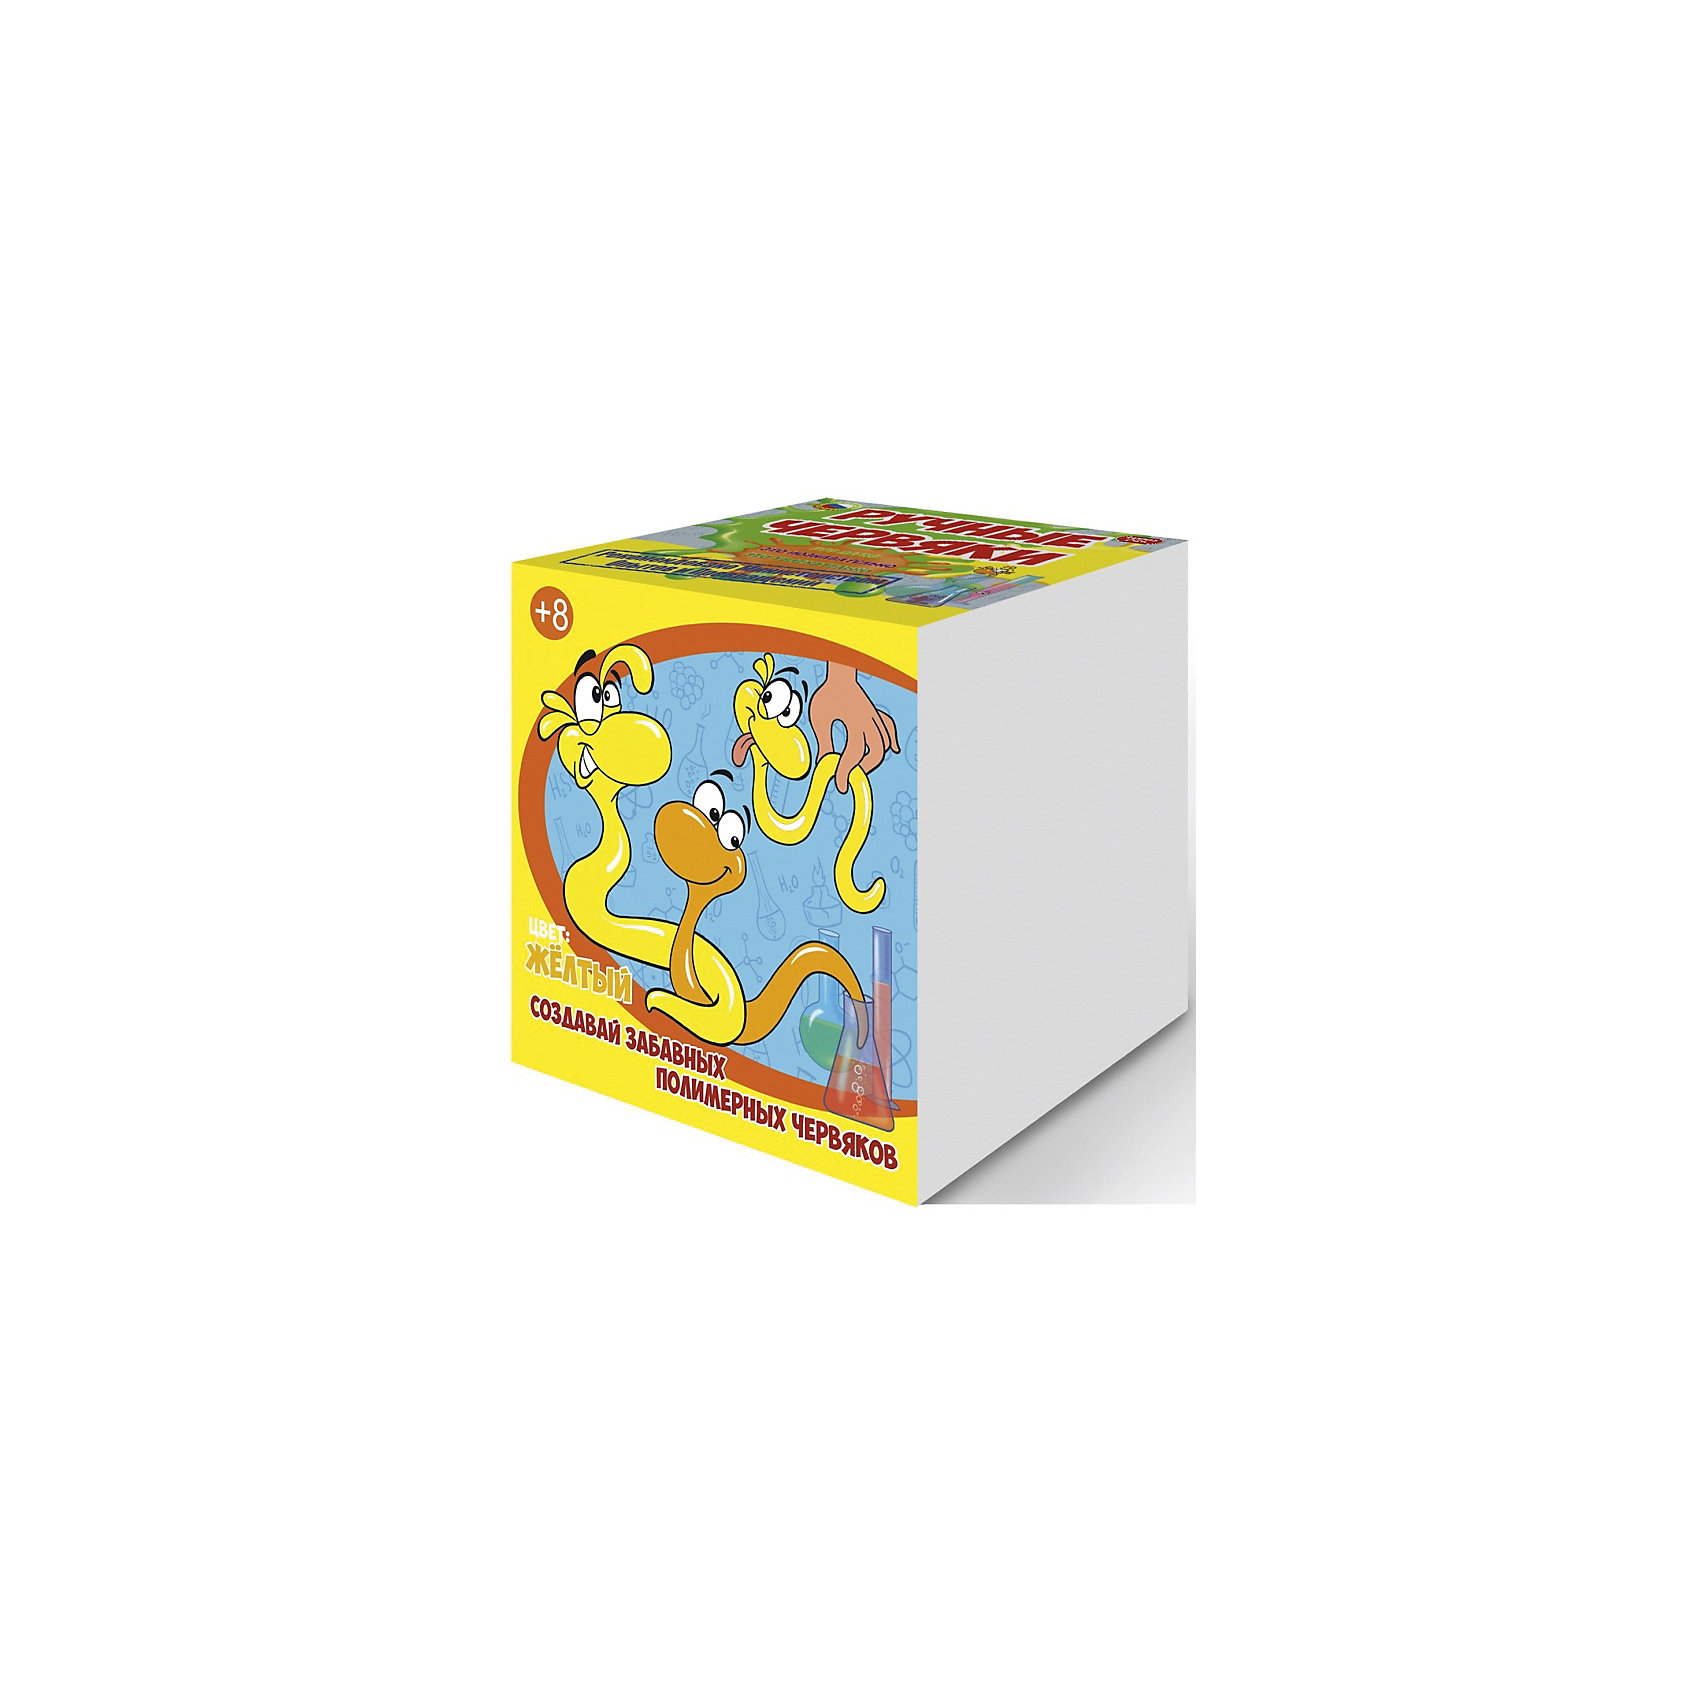 Набор для опытов Цветные полимерные червяки, цвет желтый, GOOD FUNЭксперименты и опыты<br>Скучная химия? Не, не слышали. С наборами Good Fun вы сможете «нахимичить» не какой-то мифический раствор, а настоящих лизунов.<br><br>Взрослые наверняка помнят эту мерзкую прекрасную игрушку из постсоветского детства. Хит 90-х пах бензином и собирал на себя всю пыль вселенной. Но главное, он прилипал к стенам и медленно скатывался, оставляя жирные следы.<br><br>Разочаруем вас, шедевр китайского химпрома — совсем не лизун.<br><br>Классический лизун во всем мире известен как слайм (англ. Slime). И он не шарик, а баночка с прикольной вязкой слизью, обладающей свойствами неньютоновской жидкости. О как! Если слайм оставить в покое, он начинает растекаться по поверхности, но потом легко собирается рукой.<br><br>Игрушка впервые выпущена компанией Mattel в 1976 году. По легенде, слайм изобрела 11-летняя девочка, дочь хозяина завода, которая случайно смешала имеющиеся на заводе ингредиенты. Вот так взяла и случайно смешала, с кем не бывает.<br><br>Бурная популярность пришла к слайму после выхода на экраны «Охотников за привидениями». В чудаковатом зеленом призраке из фильма зрители увидели знакомую игрушку.<br><br>Теперь легендарного лизуна можно сотворить своими рукам. Набор Good Fun содержит все необходимое для приготовления трех больших лизунов. Затем их можно соединить в один гигантский весом около 400 граммов! <br><br>В комплекте<br><br>    Поливиниловый спирт (порошок)<br>    Тетраборат натрия (порошок)<br>    Глицерин<br>    Краситель<br>    Пластиковый мерный стаканчик<br>    Пластиковый цветной стаканчик<br>    Перчатки<br>    Мерная ложечка<br>    Палочка для размешивания<br><br>Дополнительно потребуется стеклянная банка объемом не менее 0,5 л.<br><br>Эти удивительные полимеры<br><br>Данный набор познакомит ребенка с самыми необычными веществами — полимерами. Их уникальные свойства обусловлены строением молекул, соединенных в длинные цепочки (макромолекулы).<br><br>Когда вы с